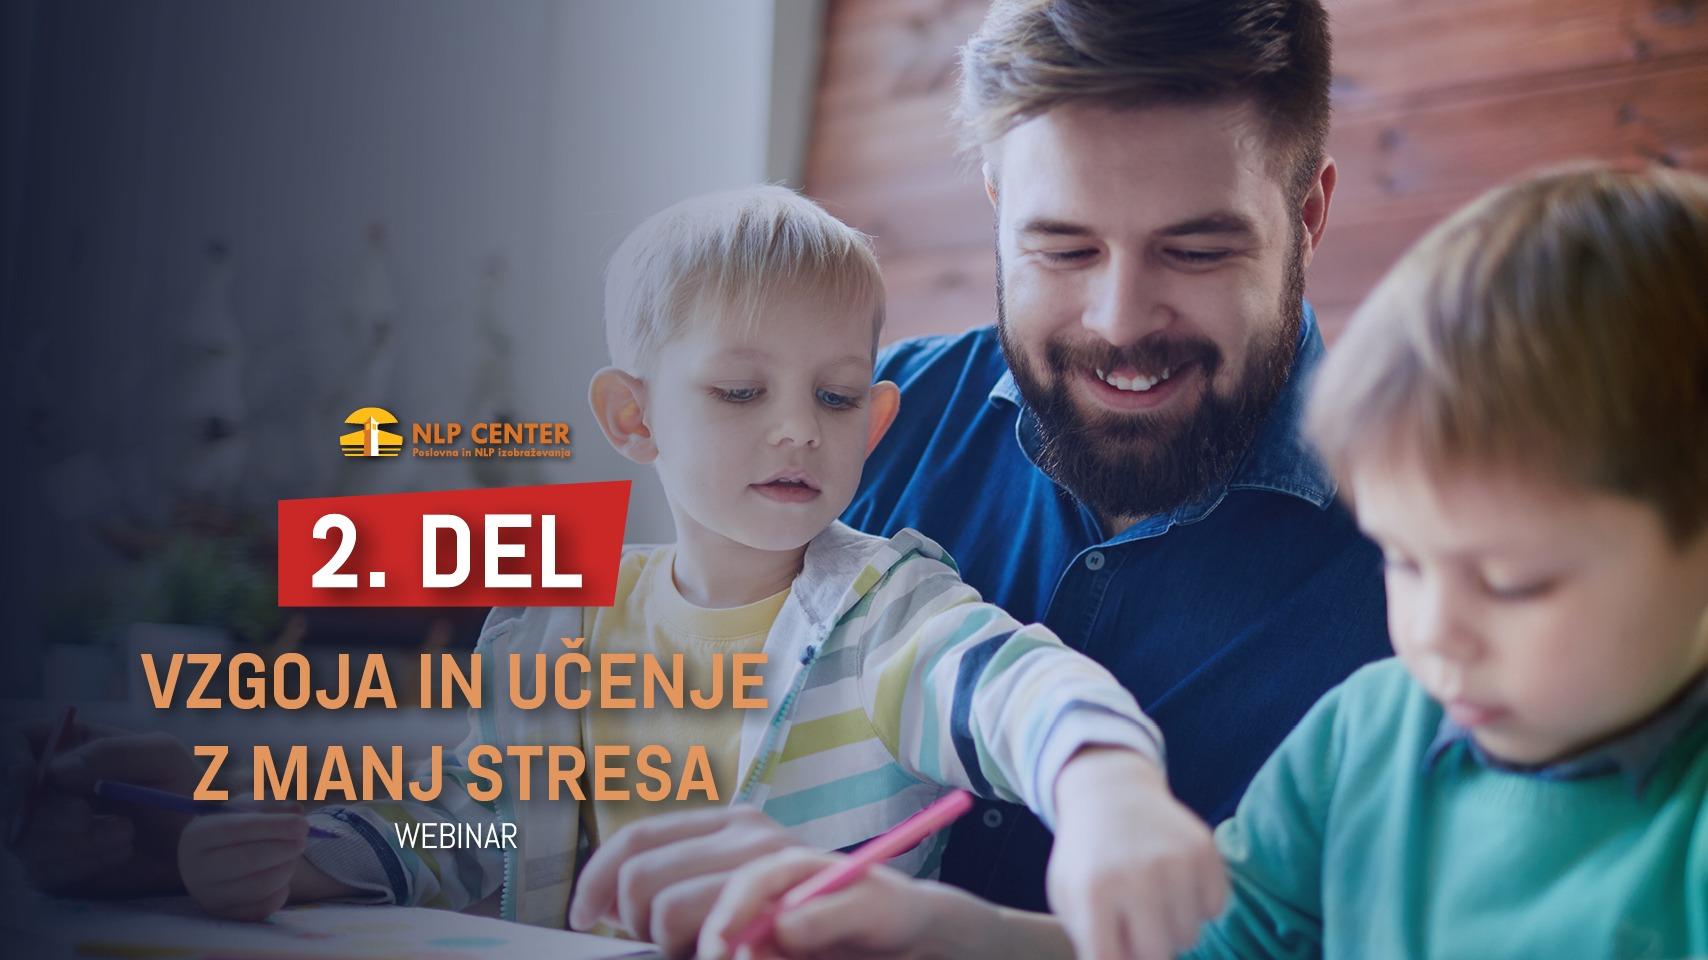 Vzgoja in učenje z manj stresa - NLP za starše in pedagoge <strong>2. DEL</strong>